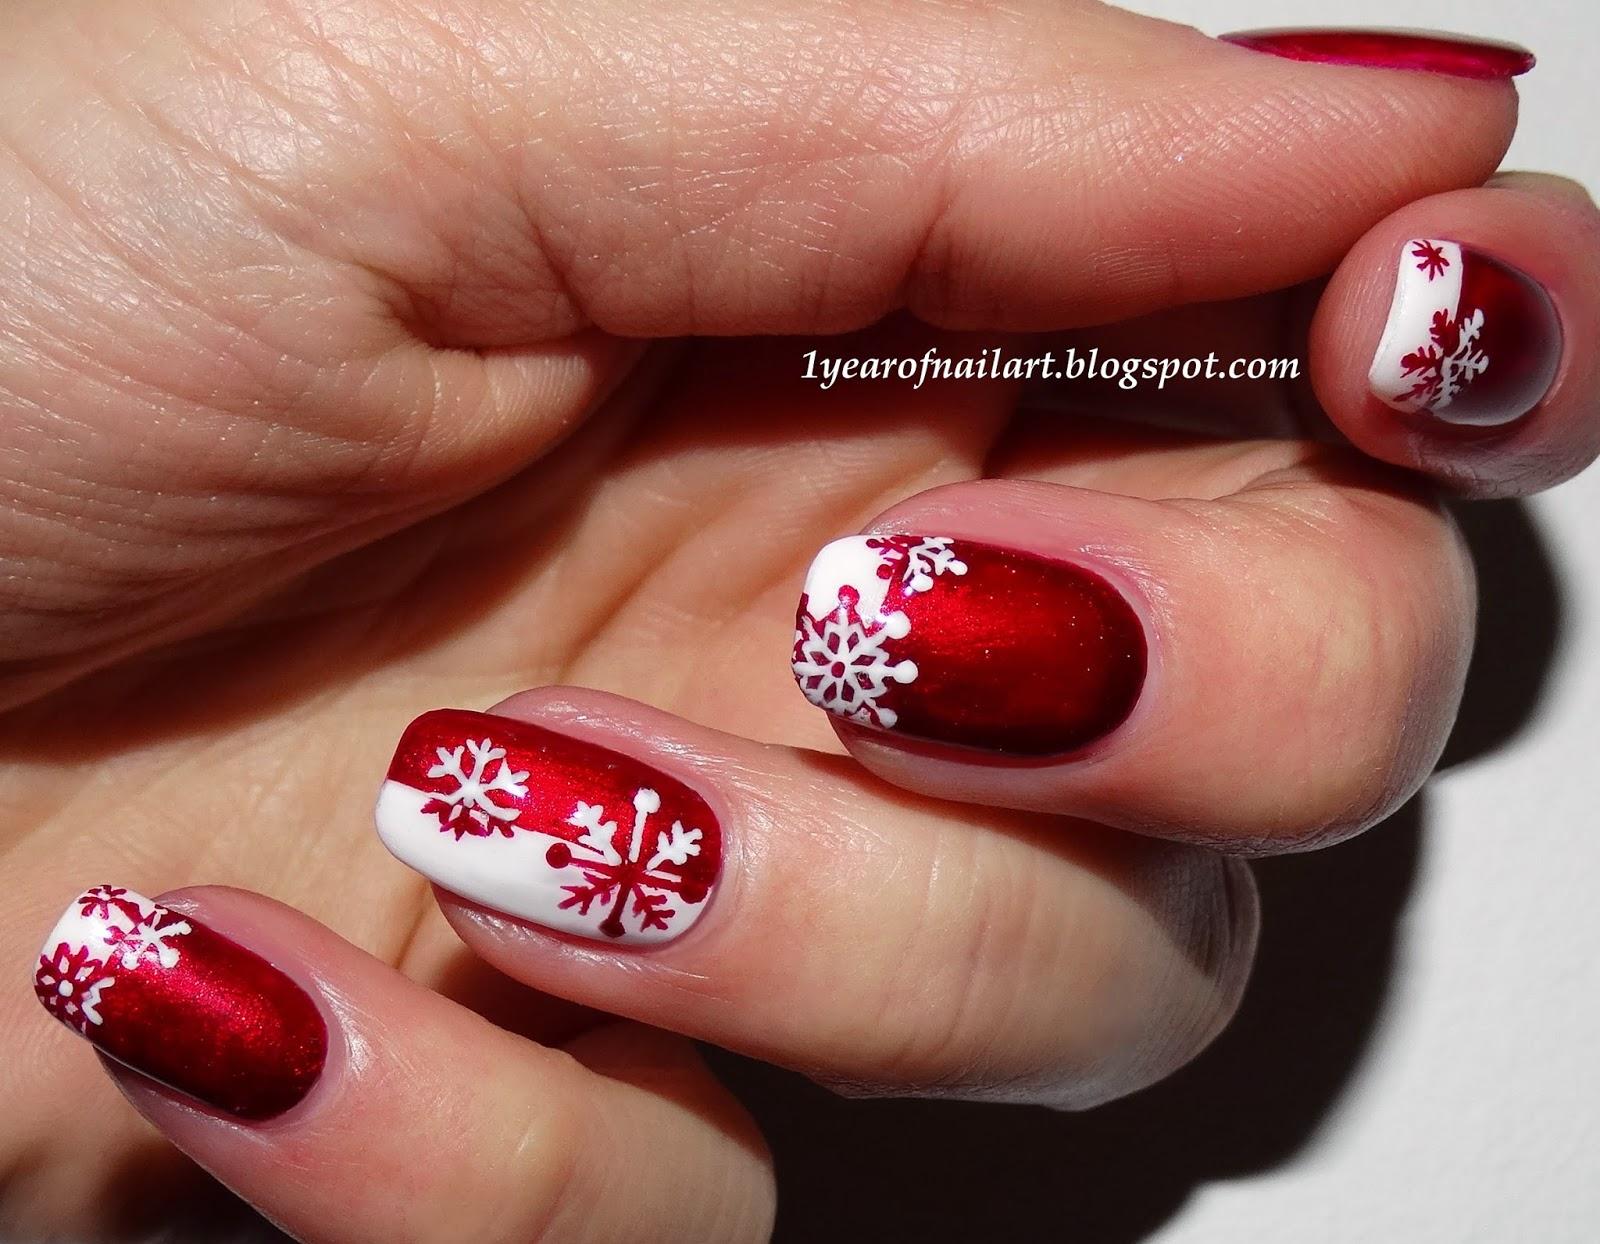 365+ days of nail art